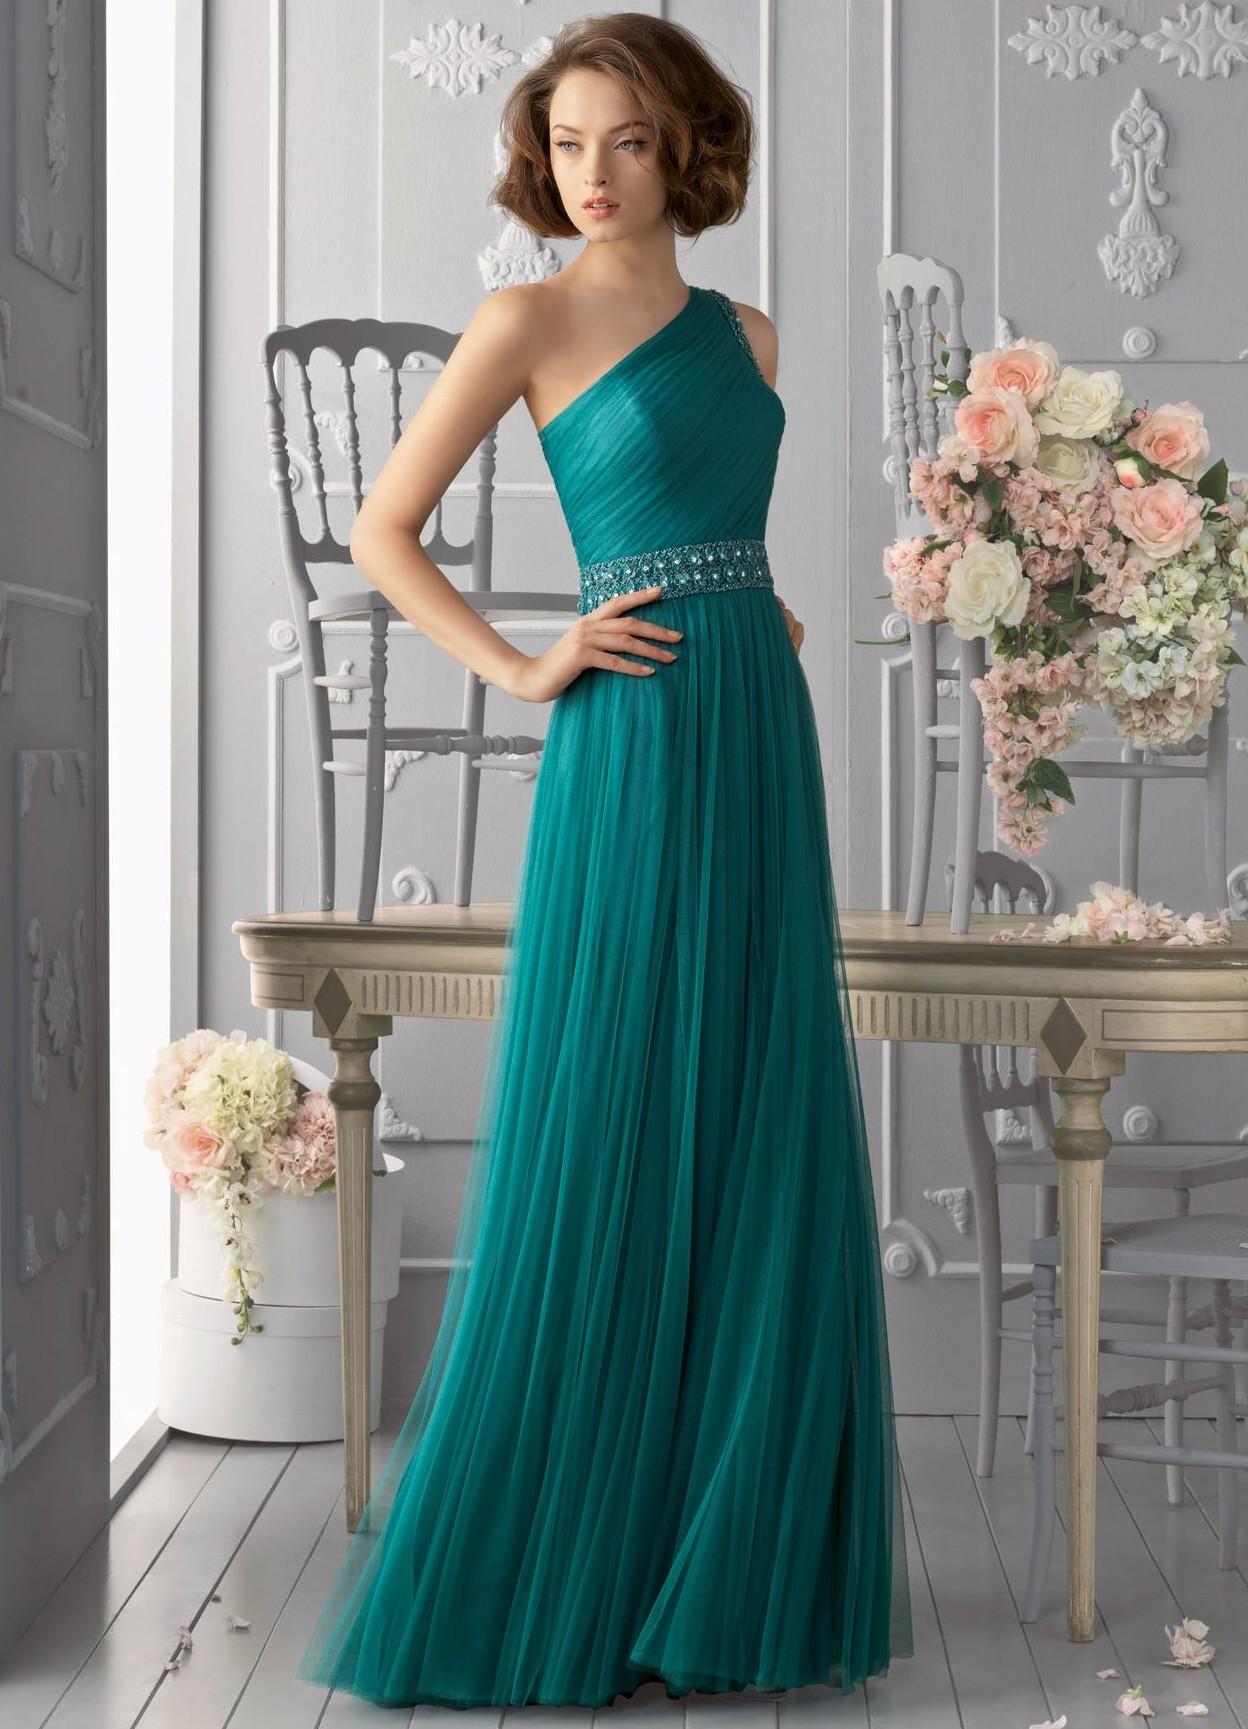 9be95f8b3ea Бирюзовое платье в греческом стиле